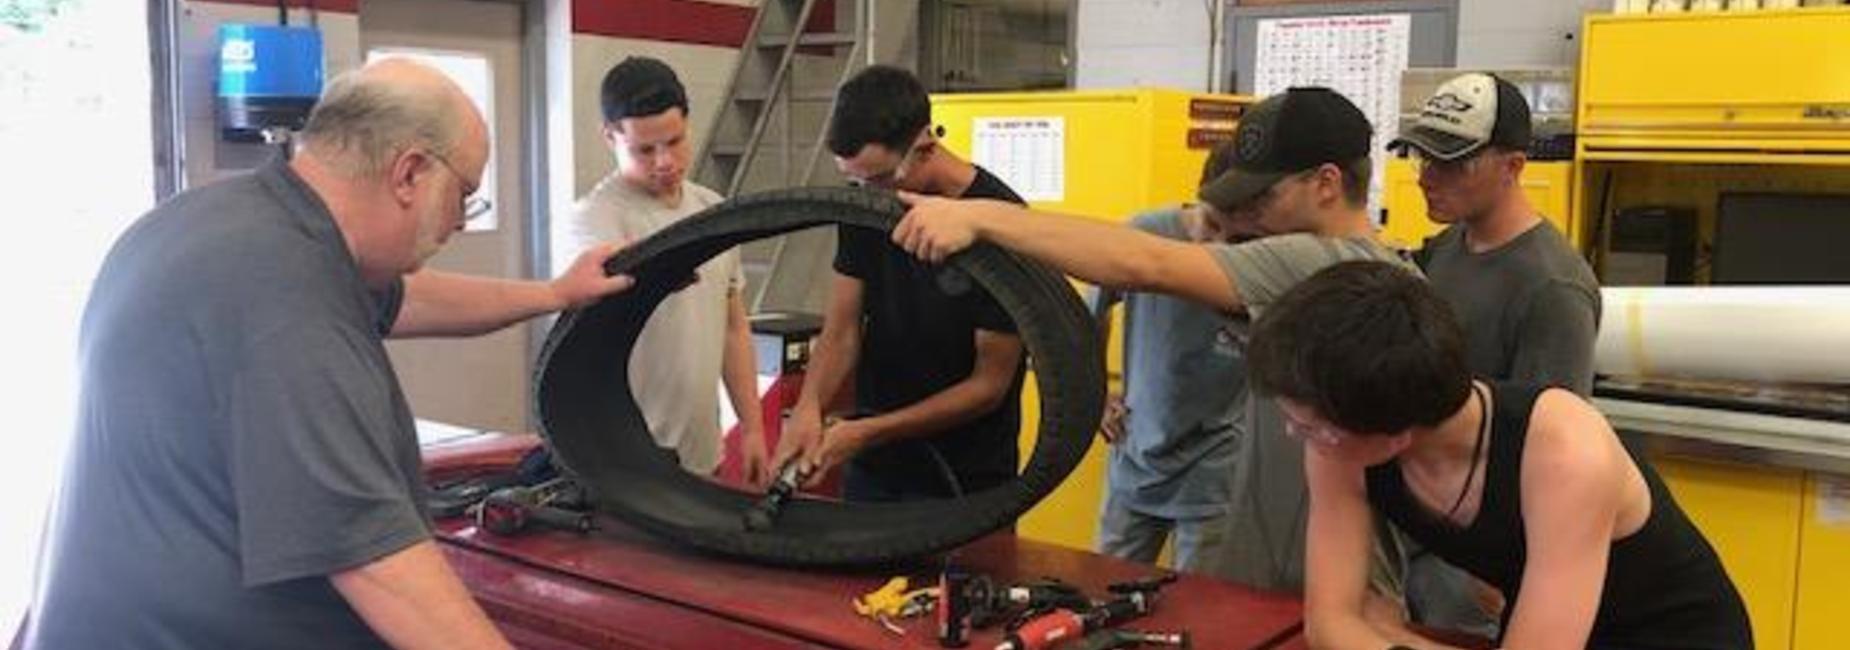 Auto I tire repair